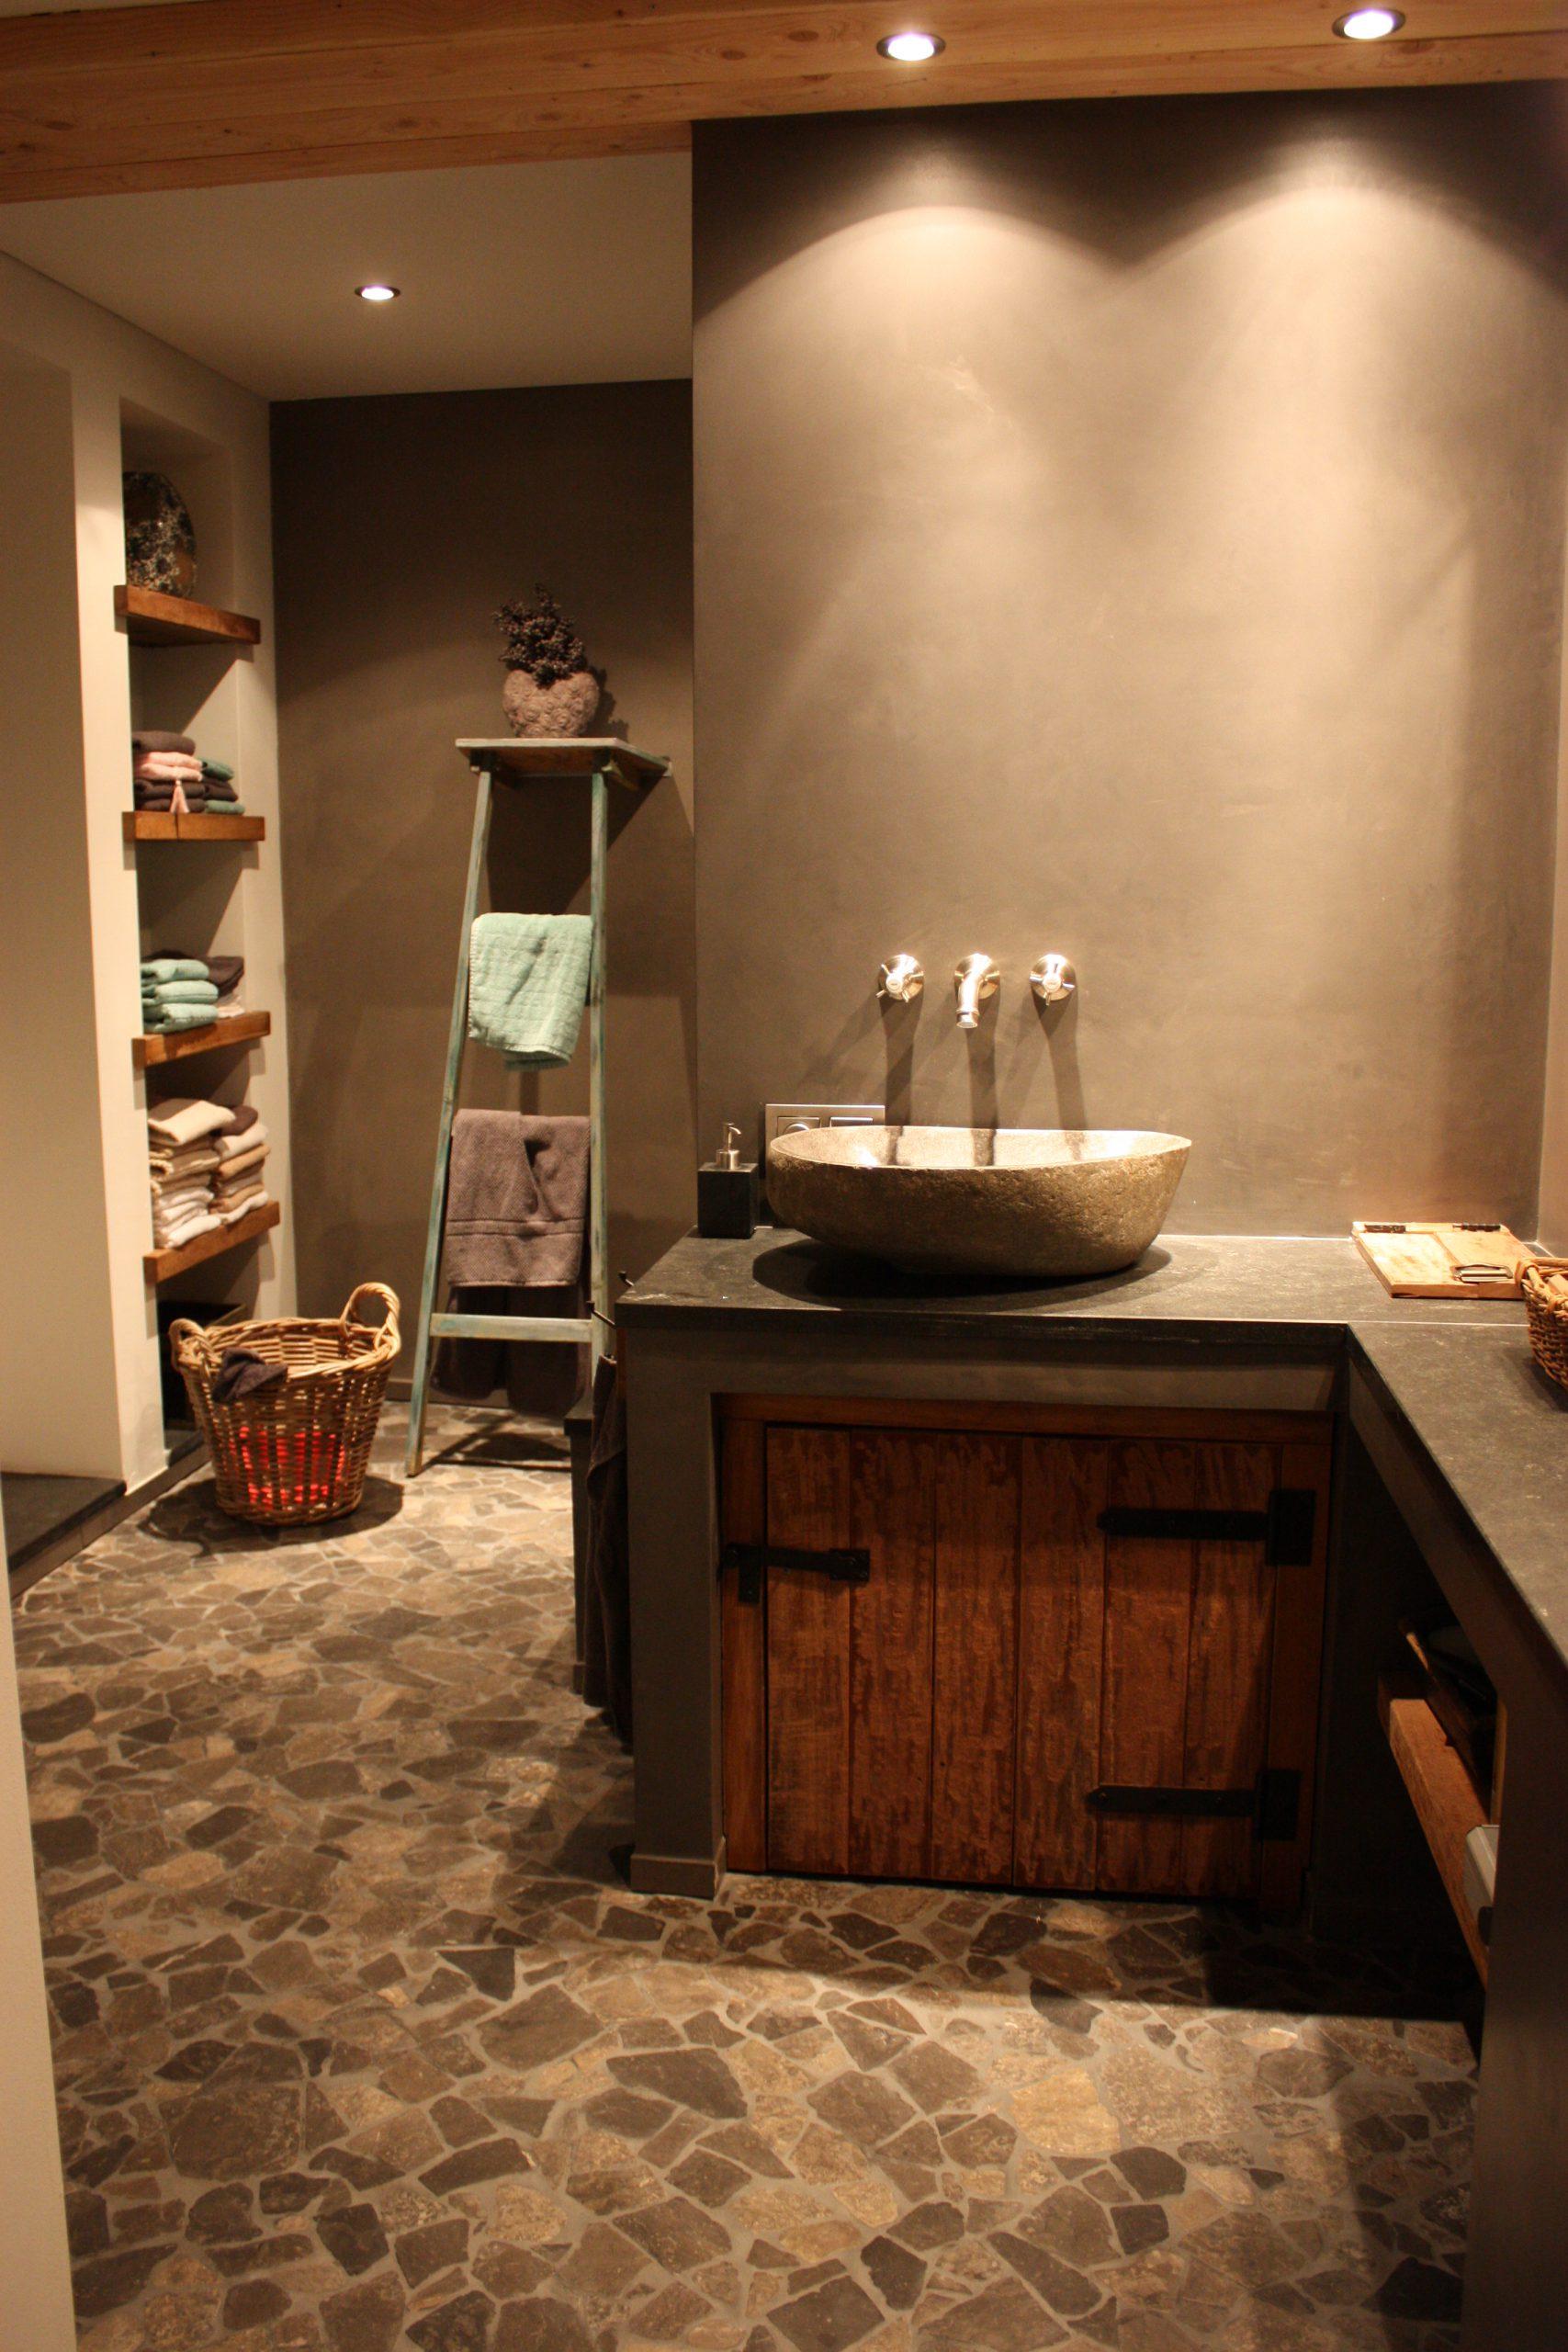 Badkamer met flagstone vloer